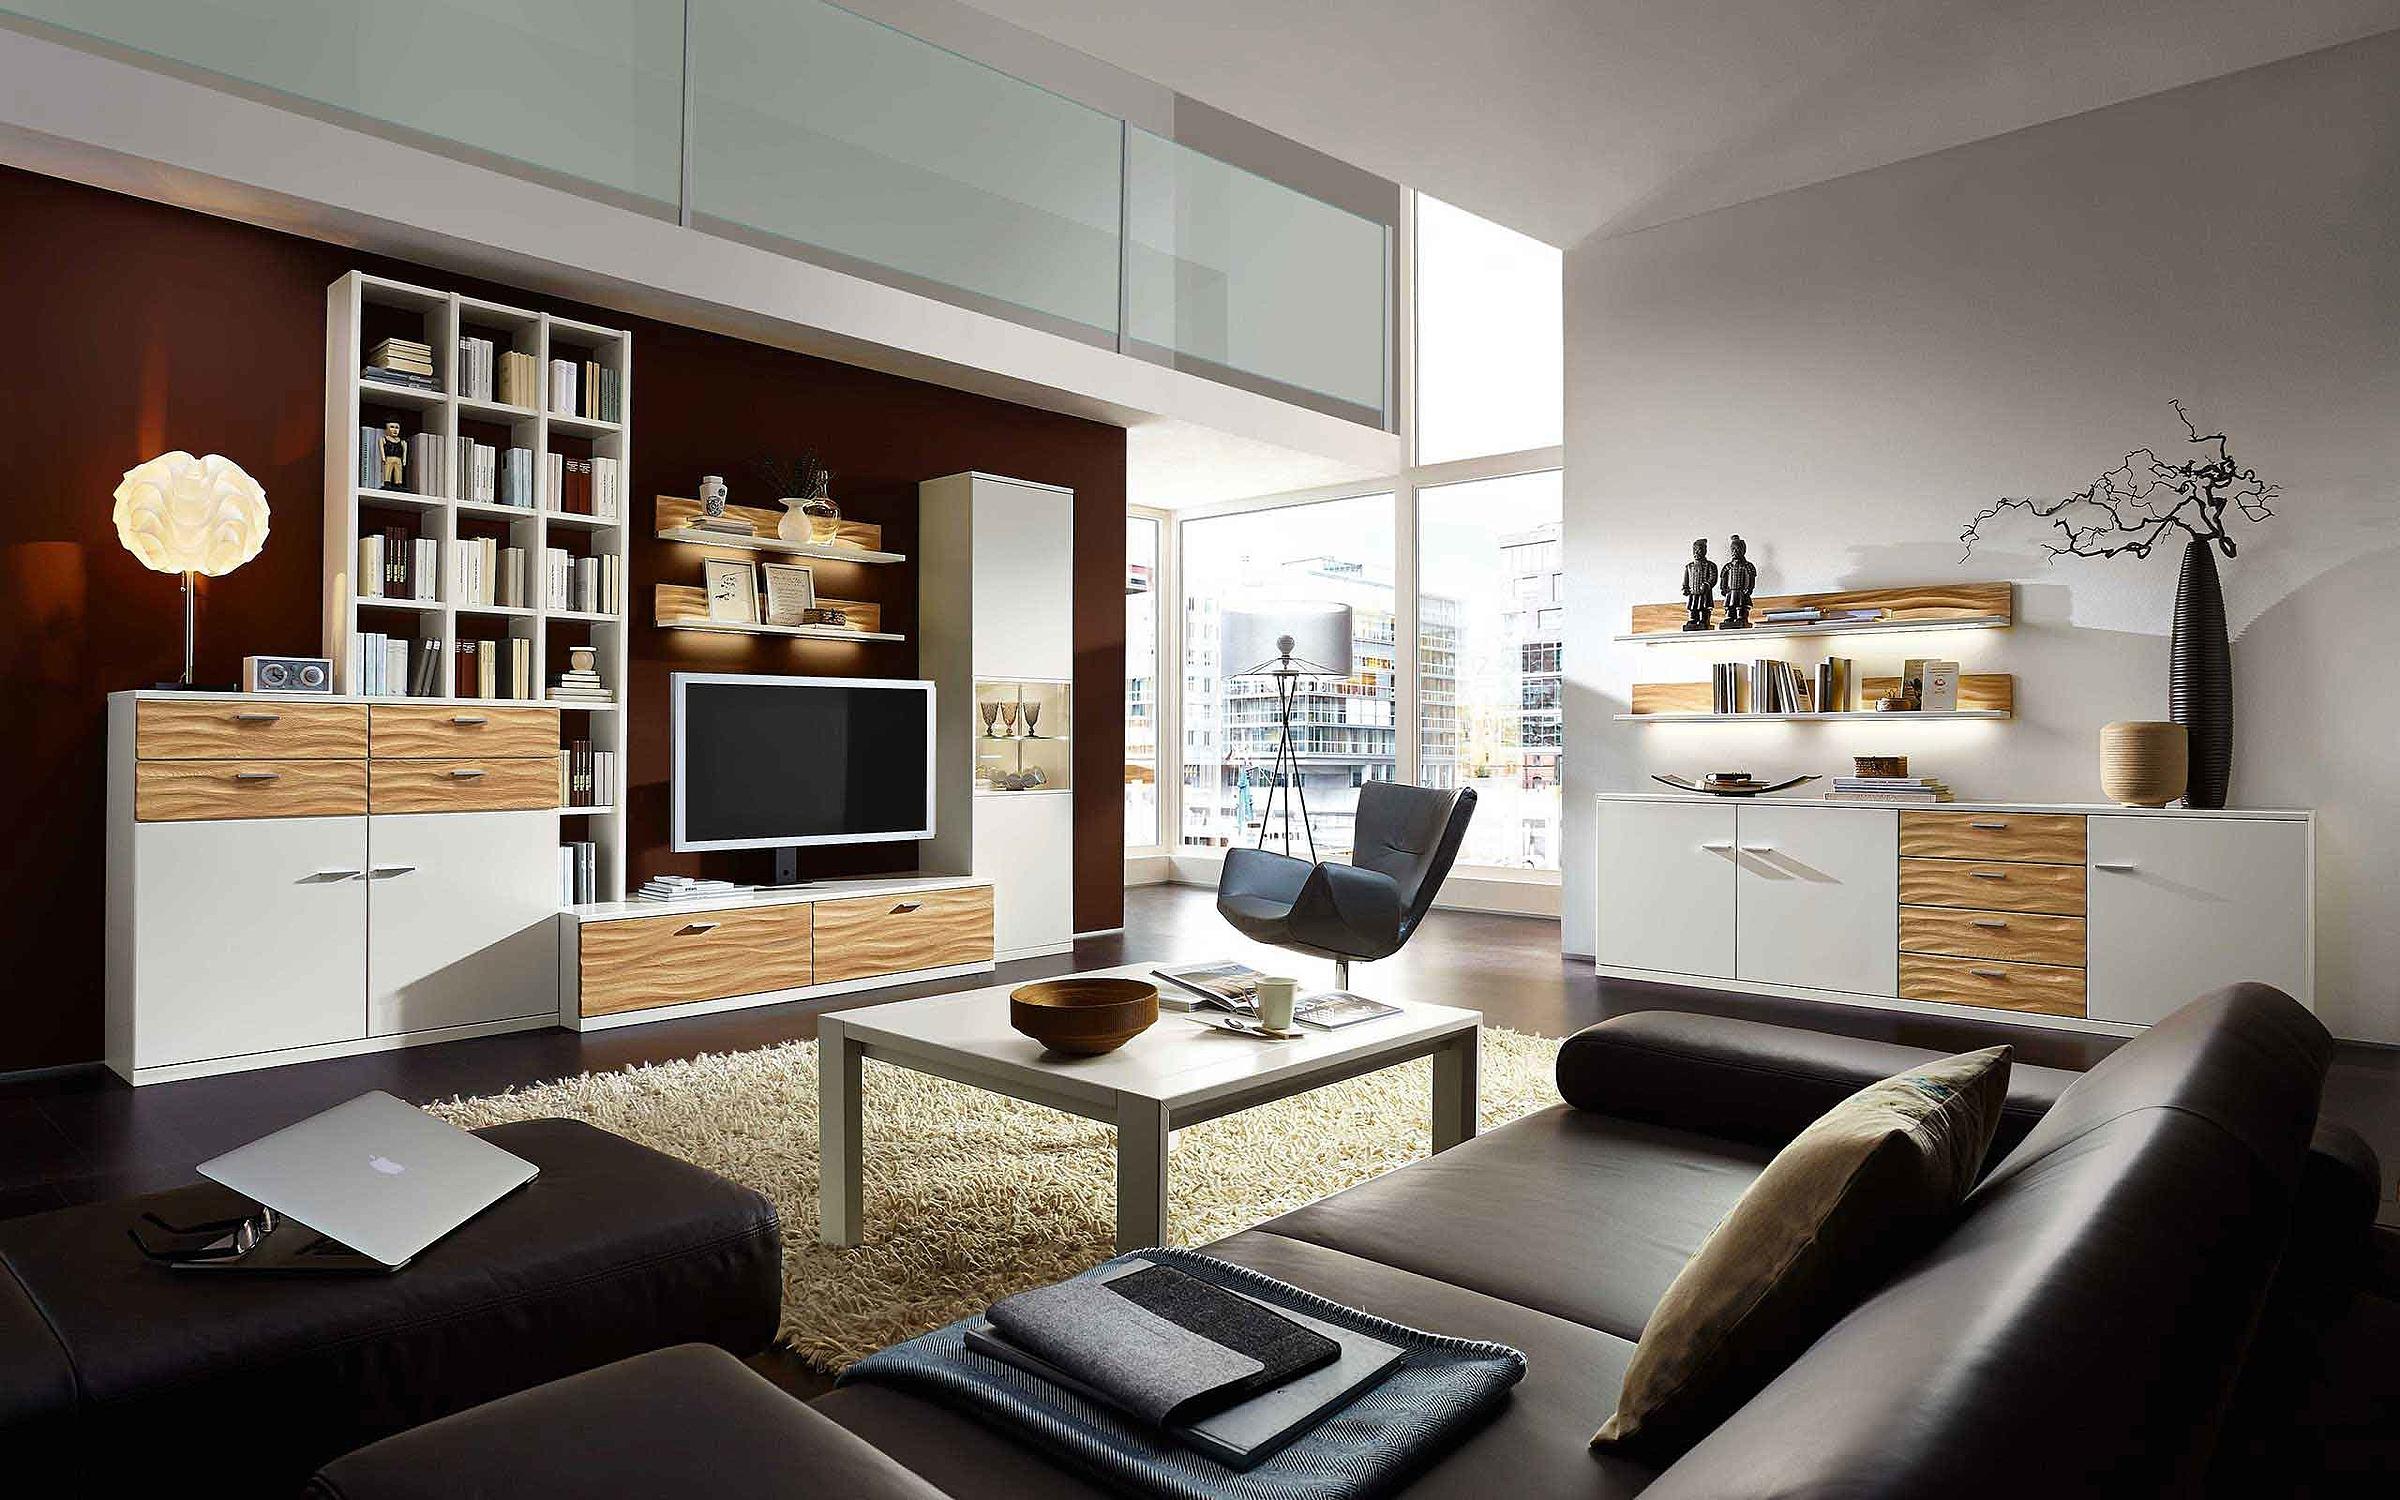 Wohnwand Hängesideboard Couchtisch Wohnzimmer Manhattan